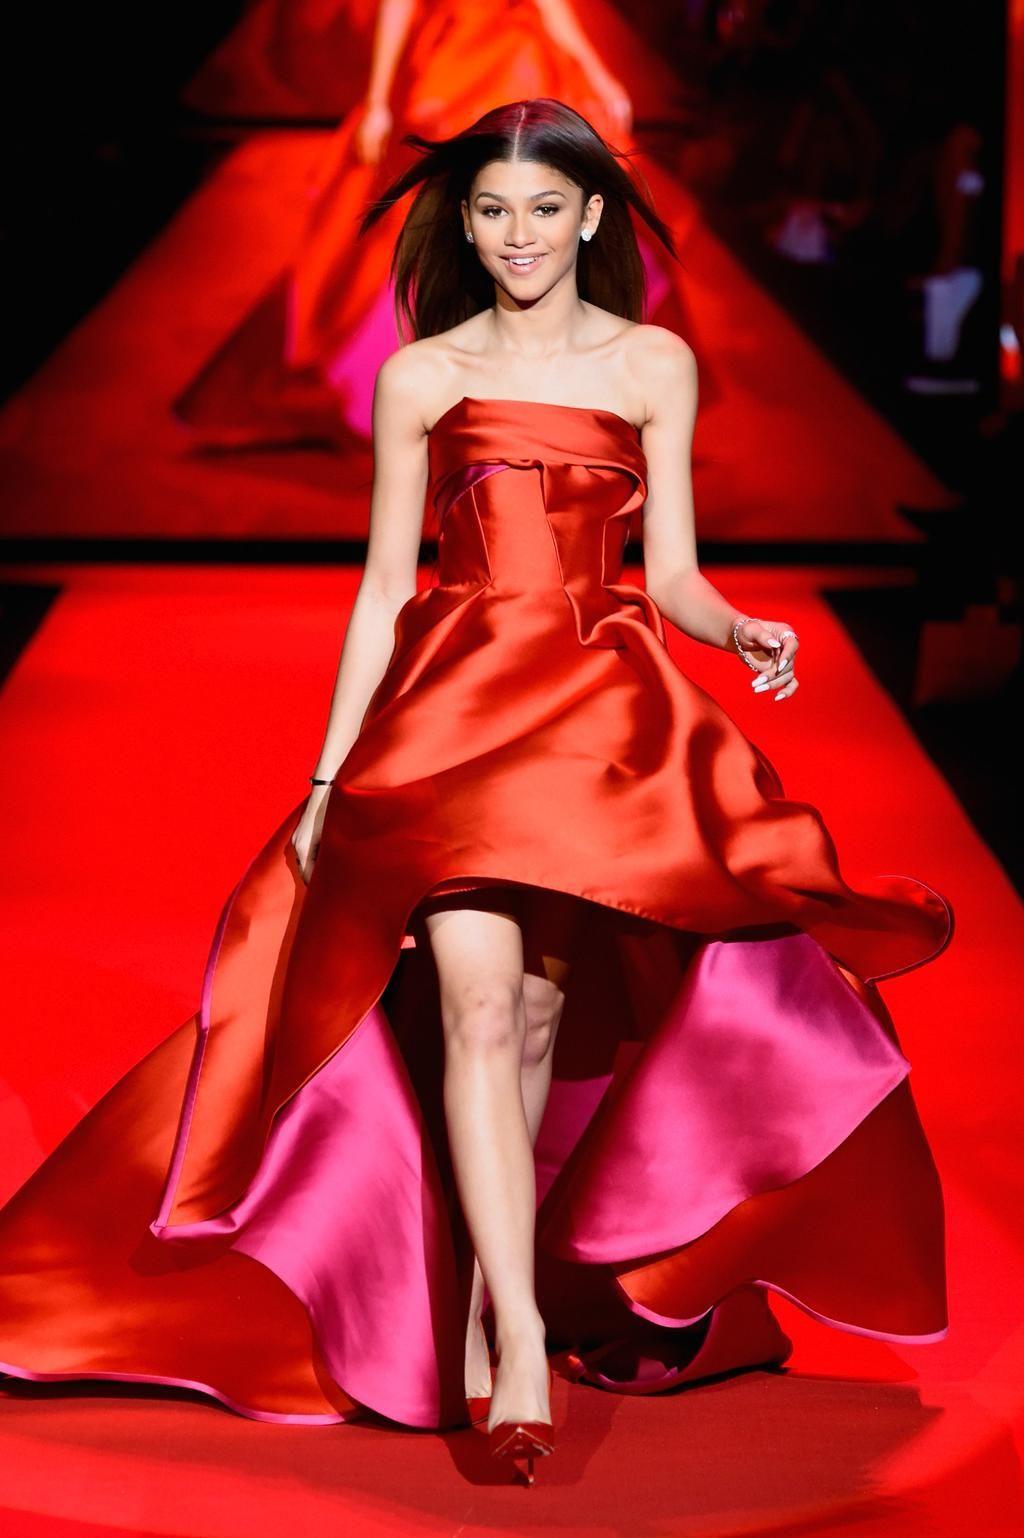 Zendaya media on zendaya dress collection and fashion weeks